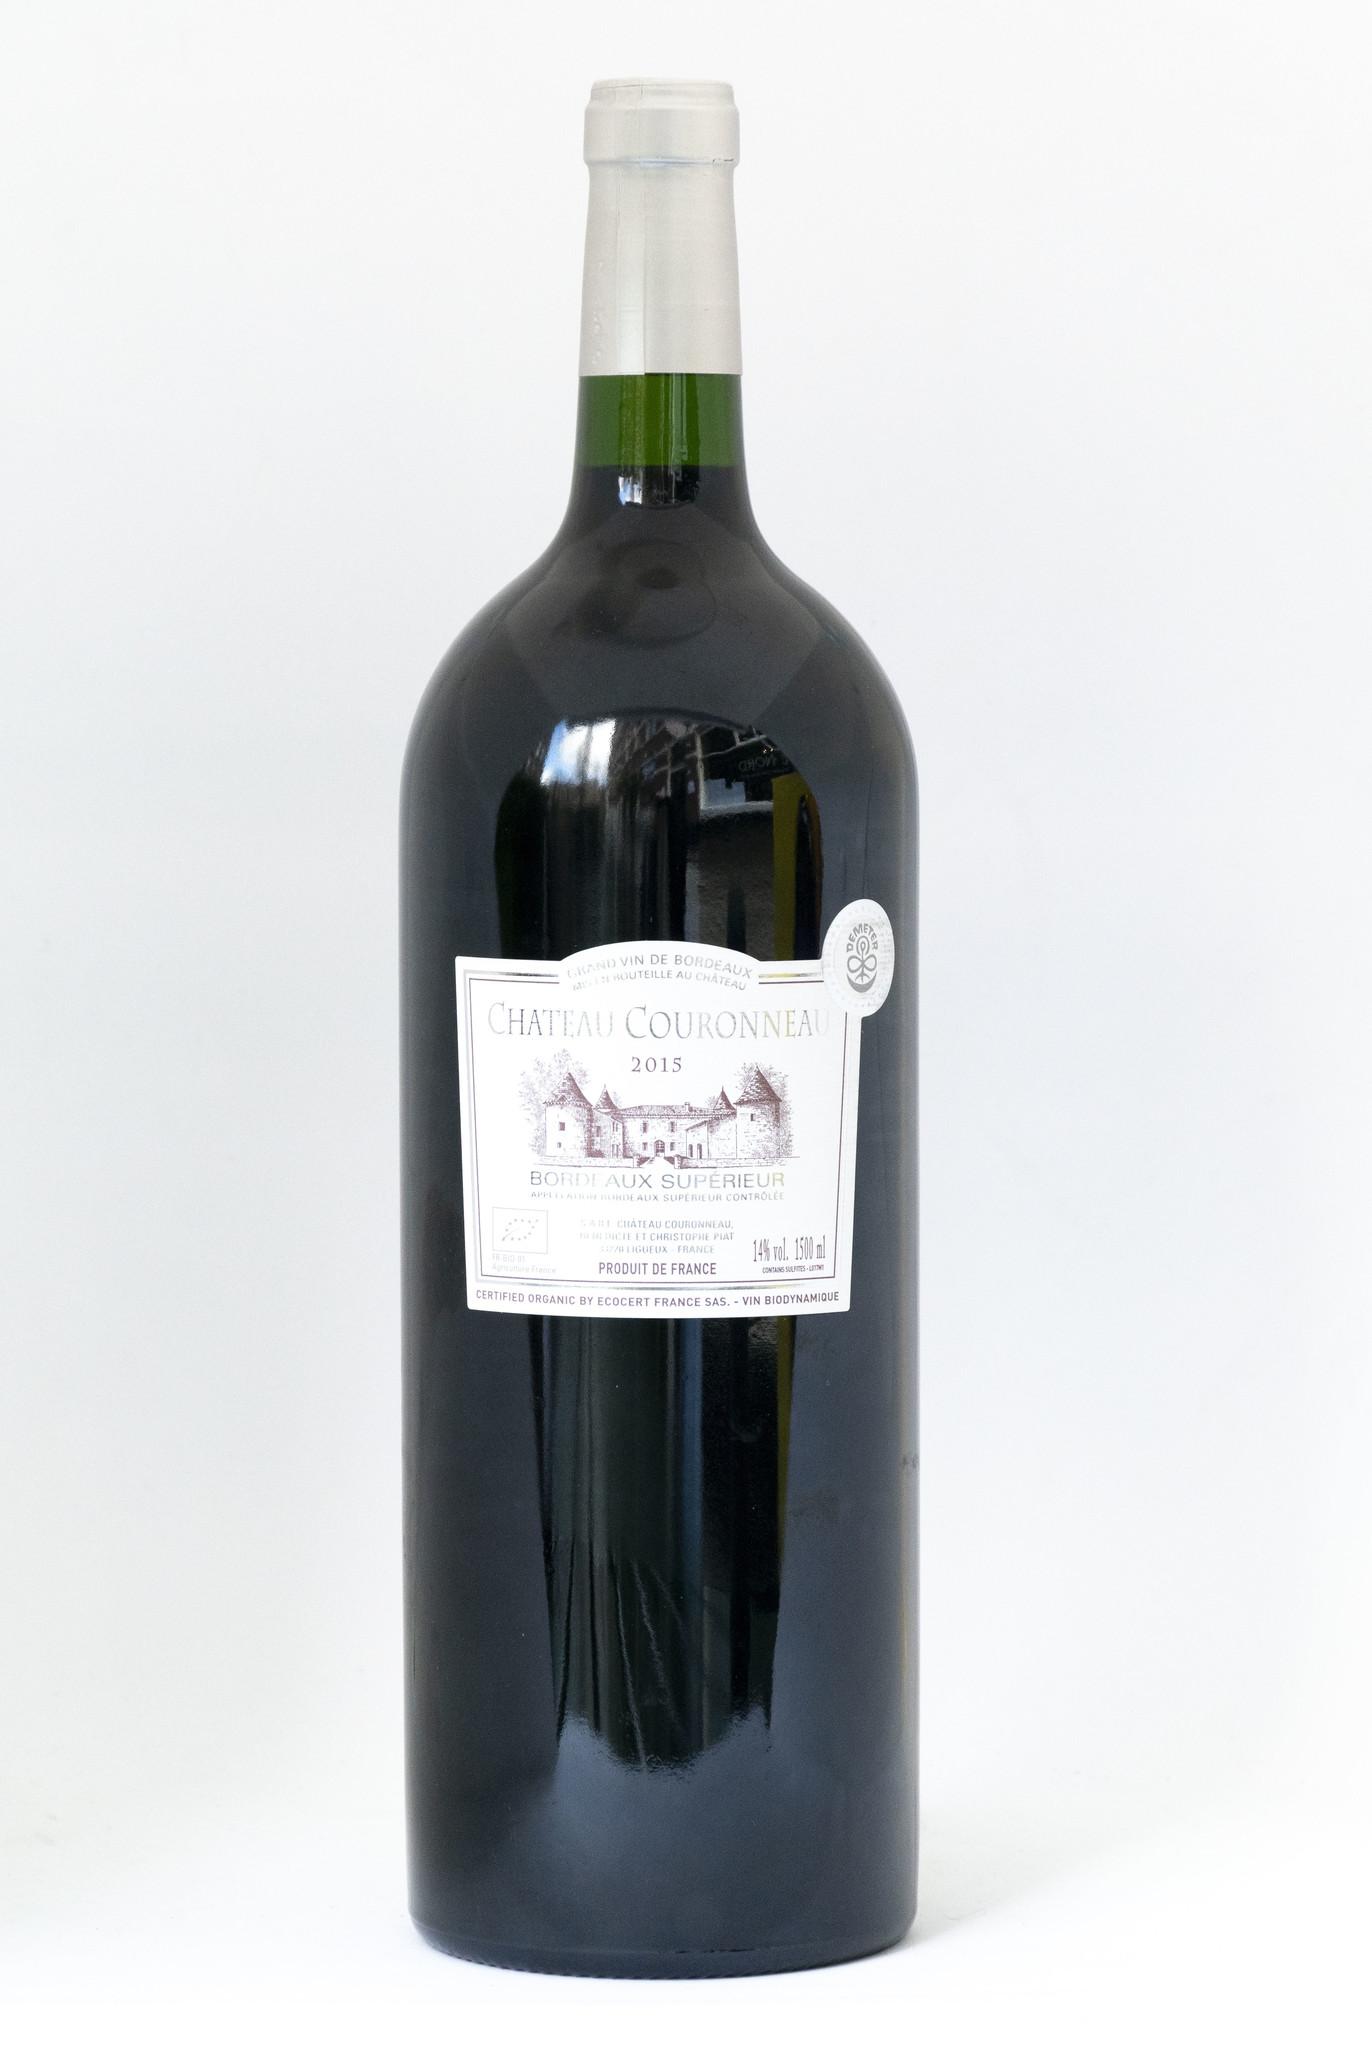 Magnum Bordeaux Superieur | Chateau Couronneau | 2015